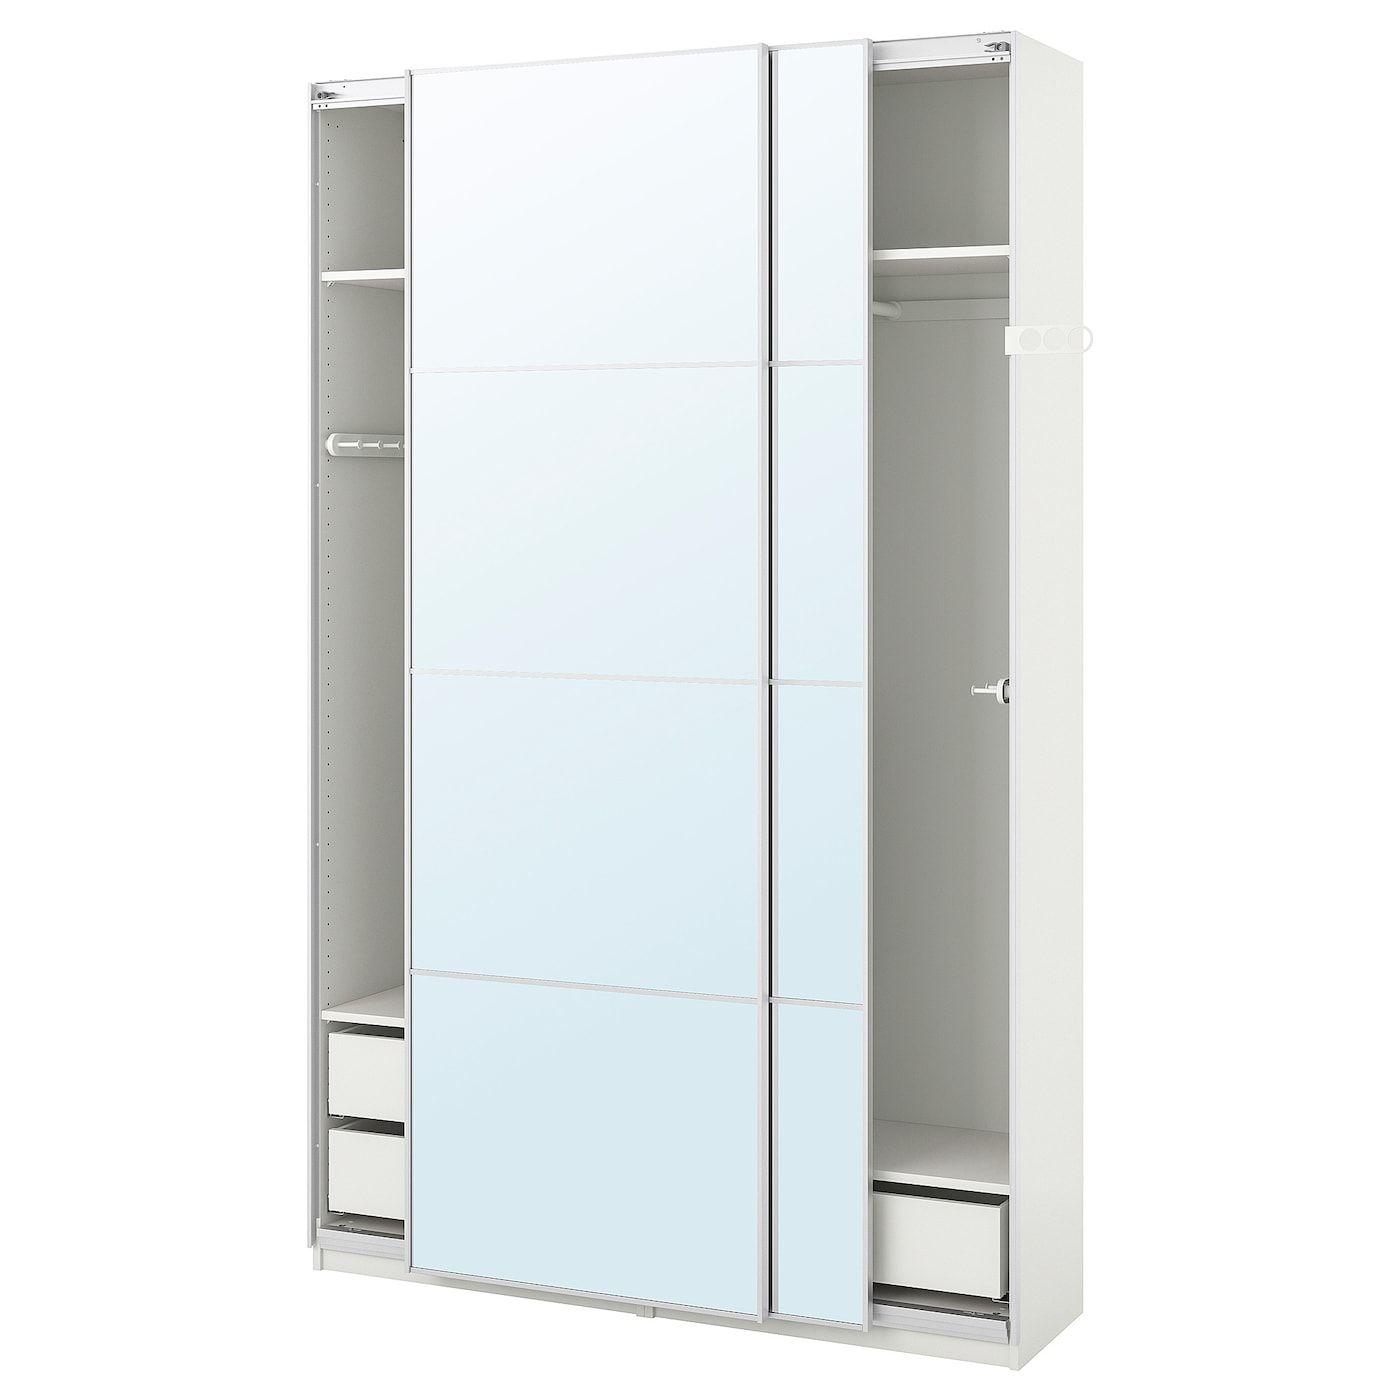 Ikea Armoire Penderie In 2020 Pax Kleiderschrank Spiegelglas Fensterputzmittel